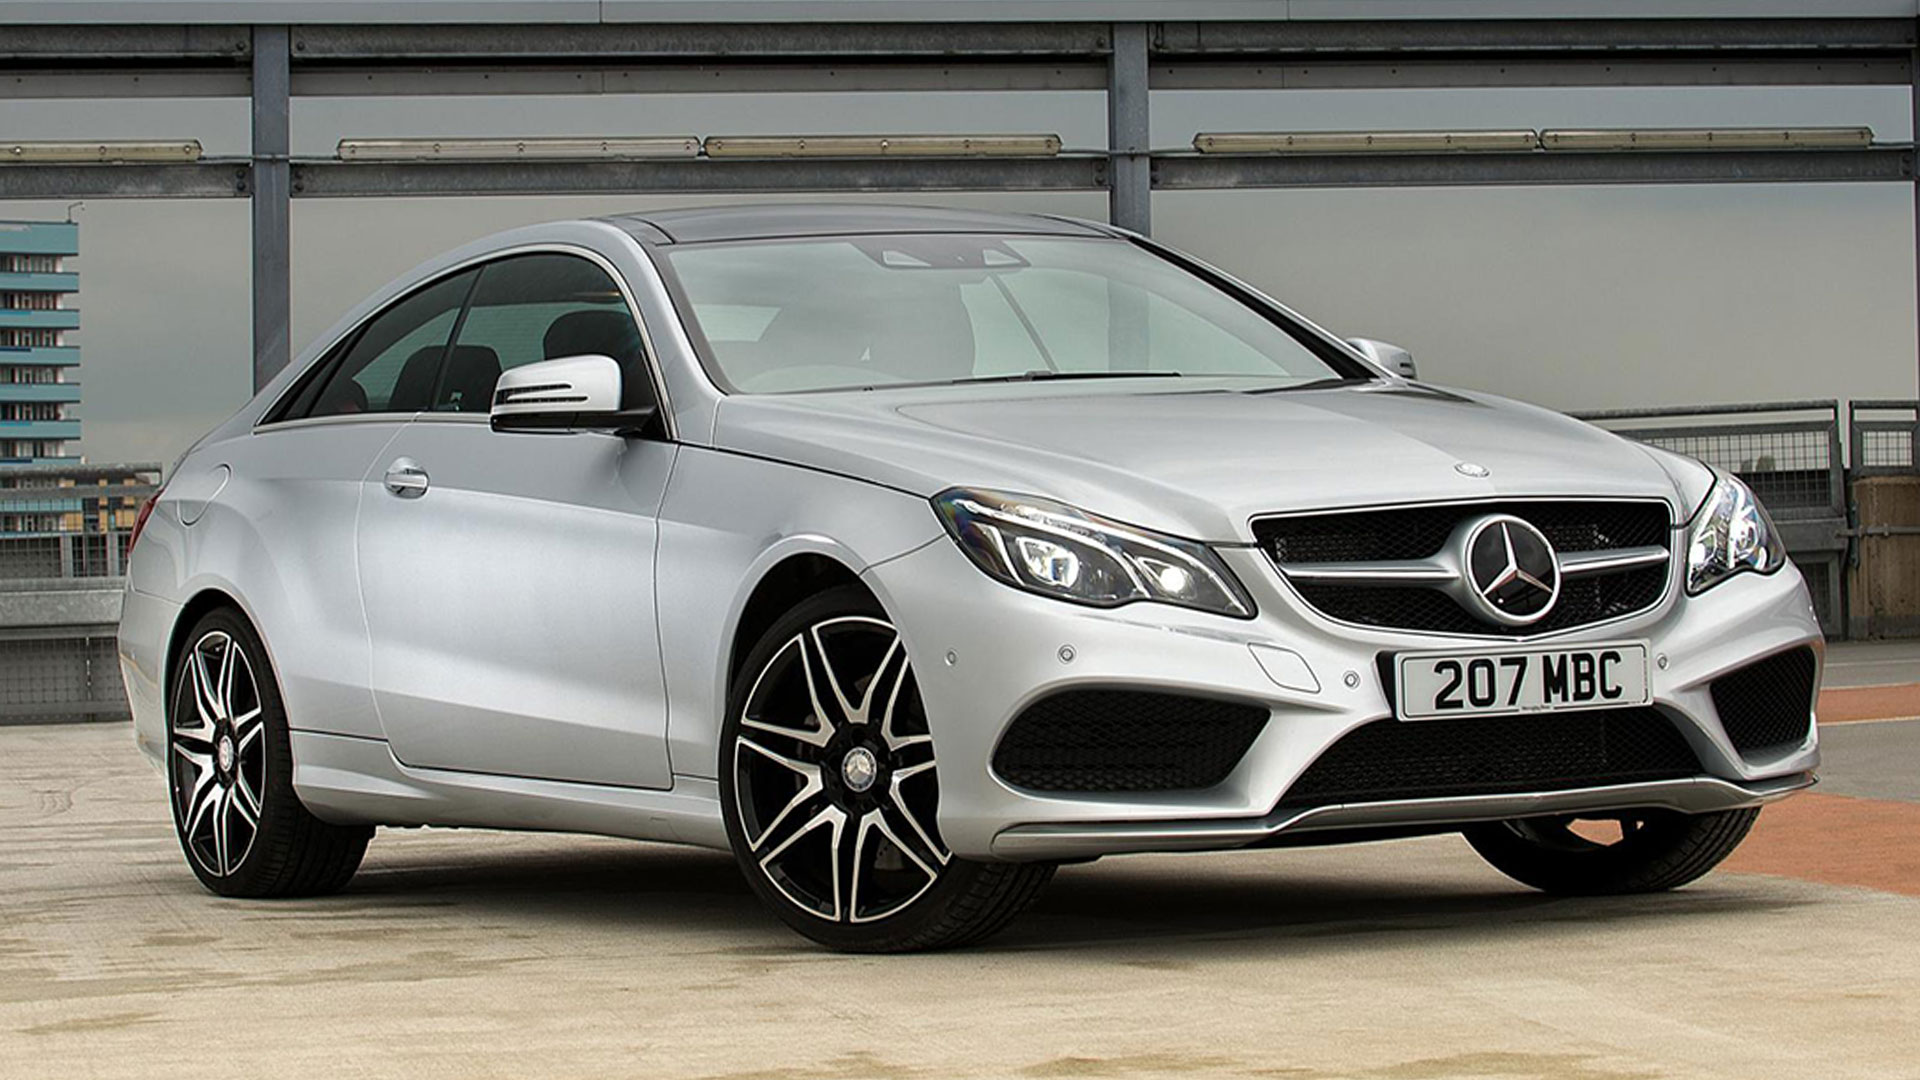 Mercedesbenz-eclass-2015-E 400 Cabriolet Compare